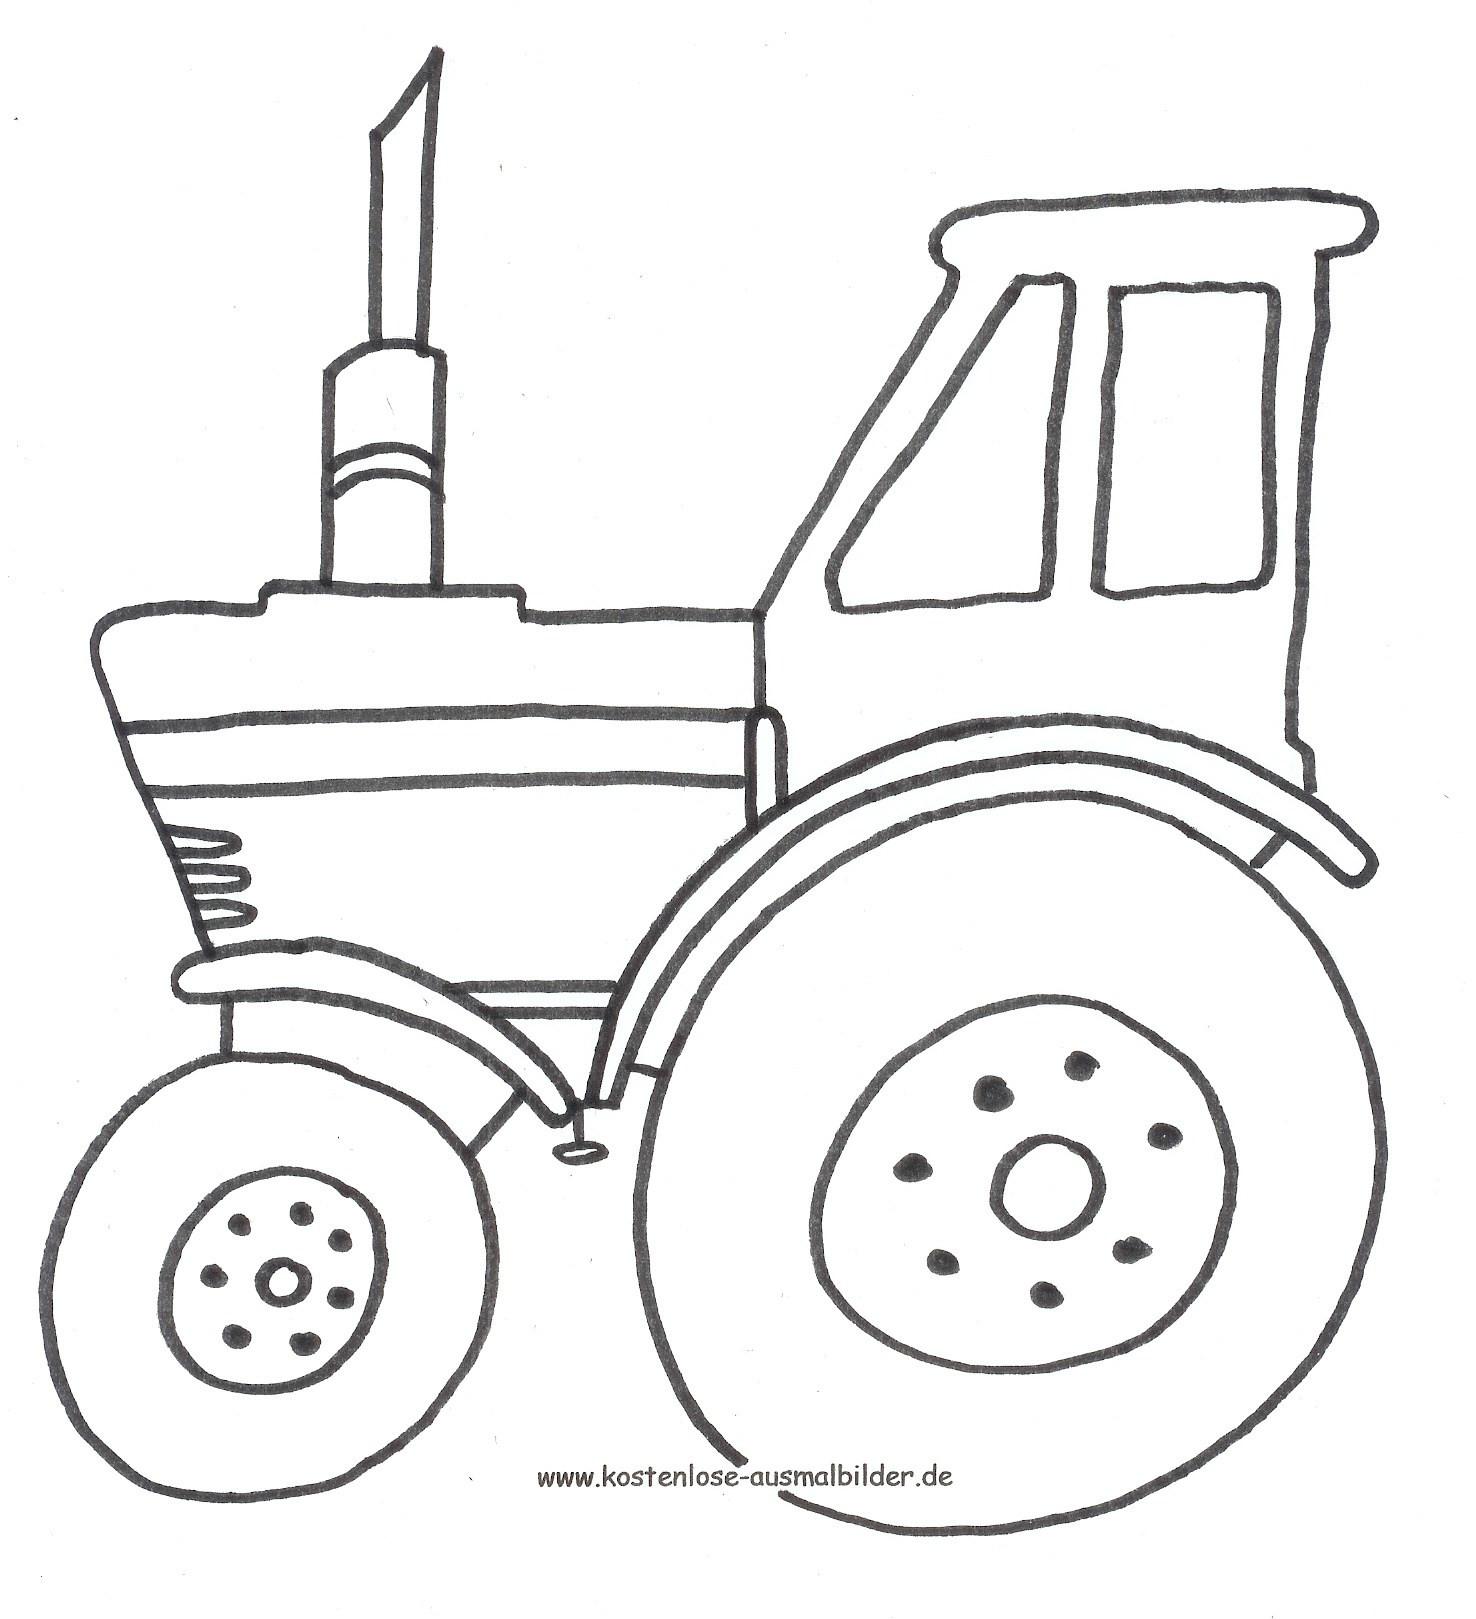 Ausmalbilder Traktor Mit Frontlader Genial Ausmalbilder Traktor Fendt Kostenlos Malvorlagen Zum Ausdrucken Bei Fotos